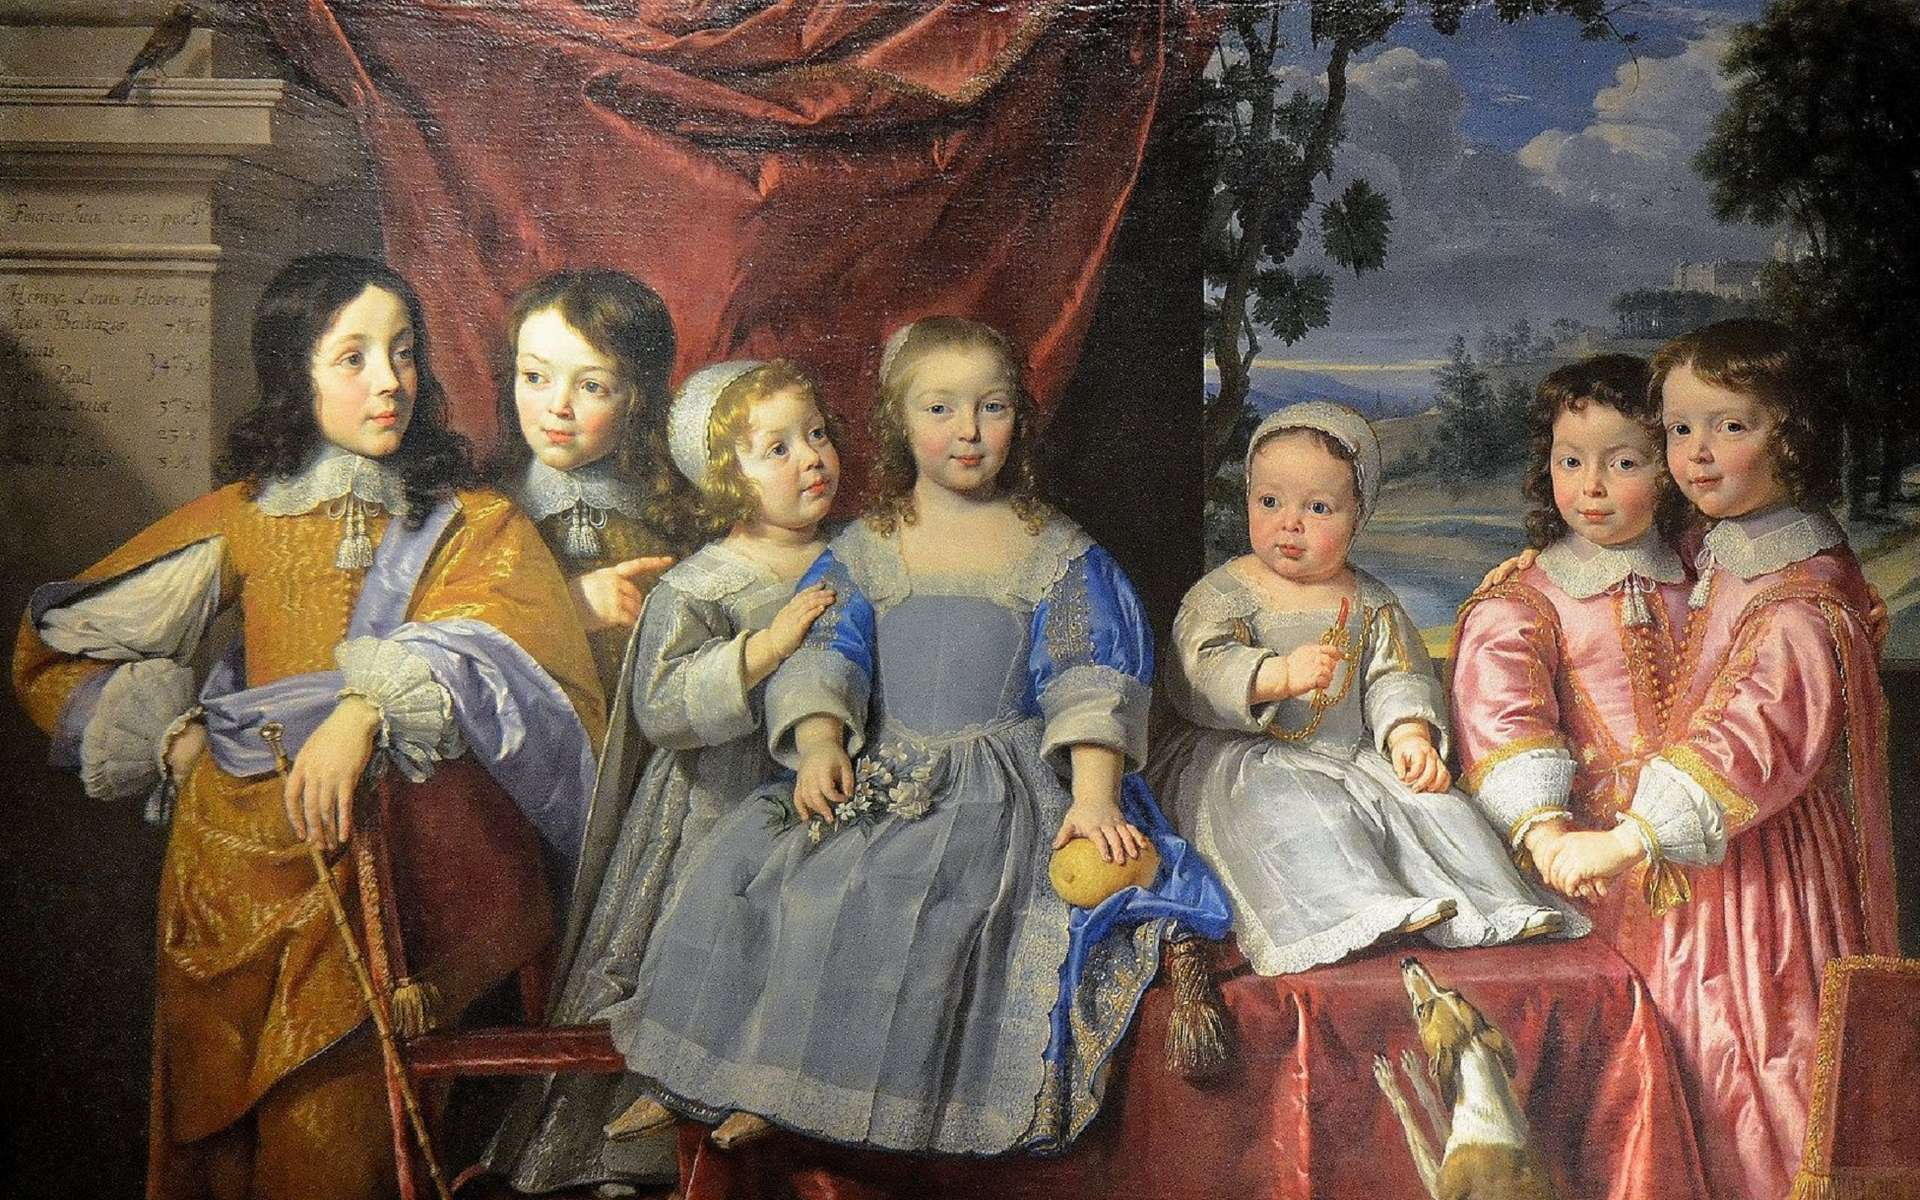 Les enfants Habert de Montmort par Philippe de Champaigne en 1649. Musée des Beaux Arts de Reims. © Wikimedia Commons, domaine public